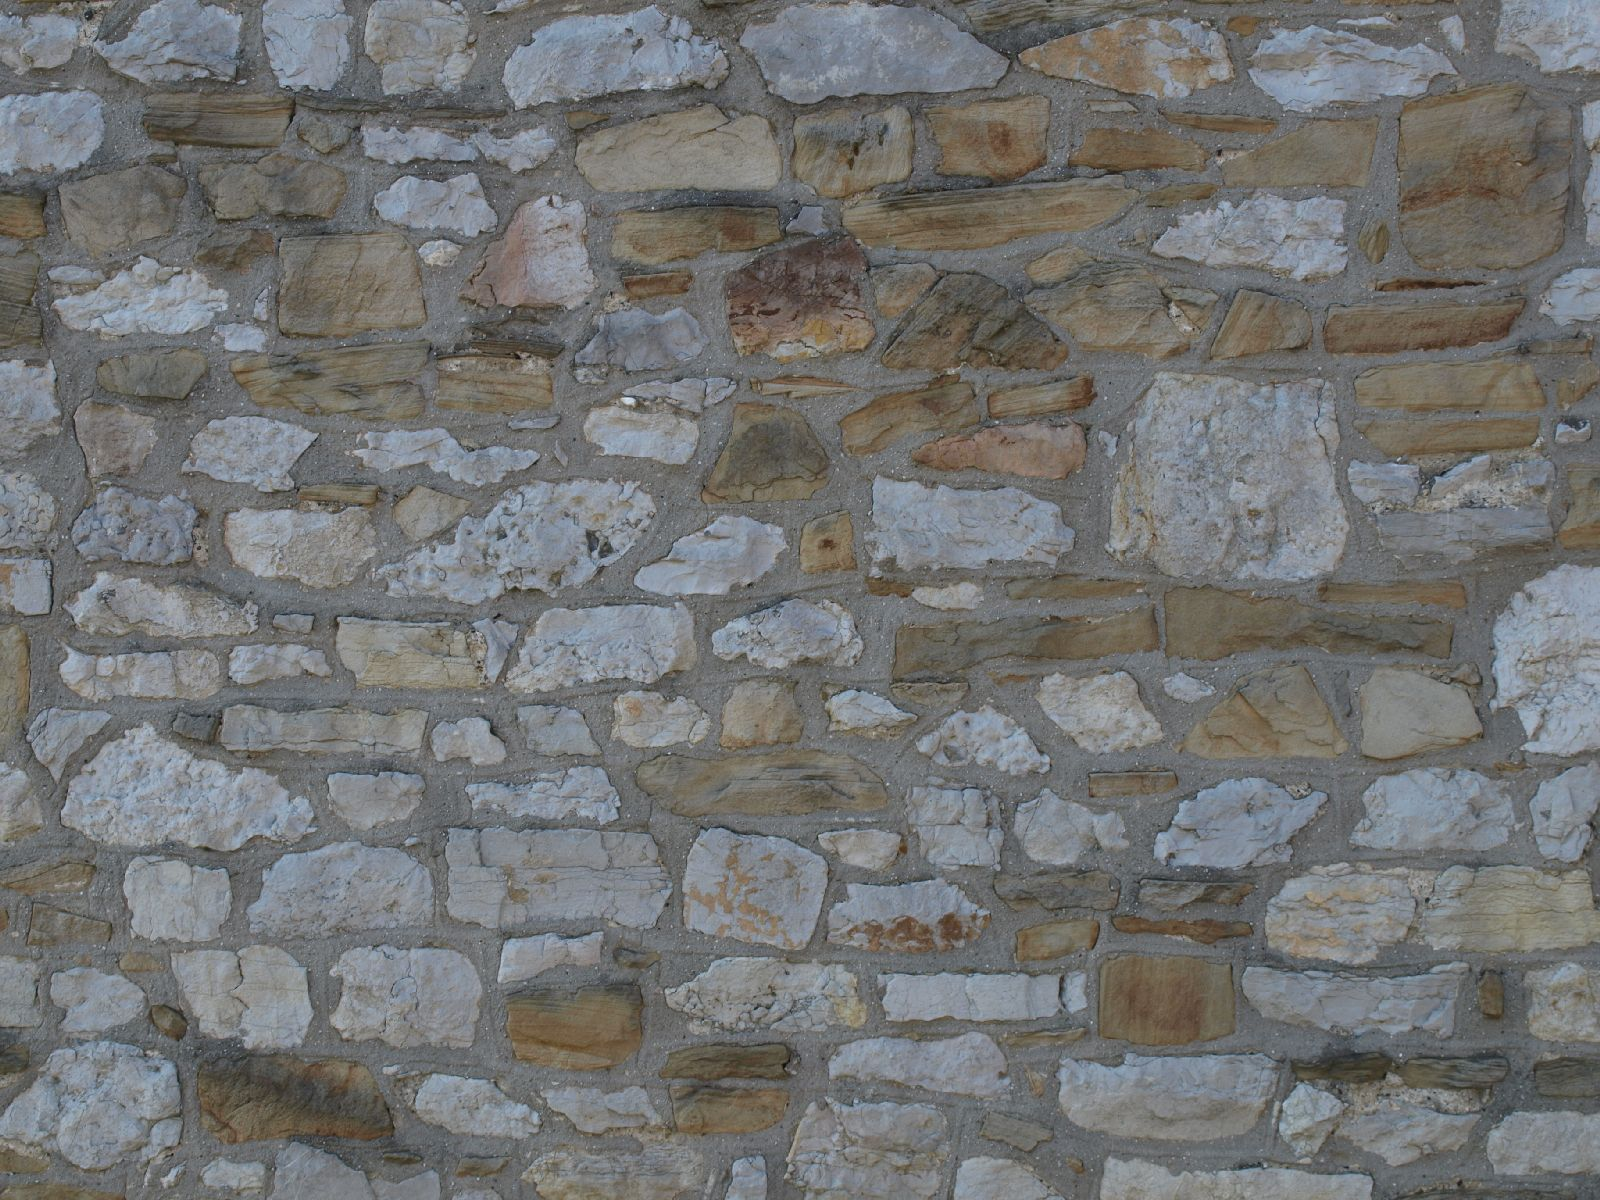 Wand-Bruchstein_Textur_A_P6153453